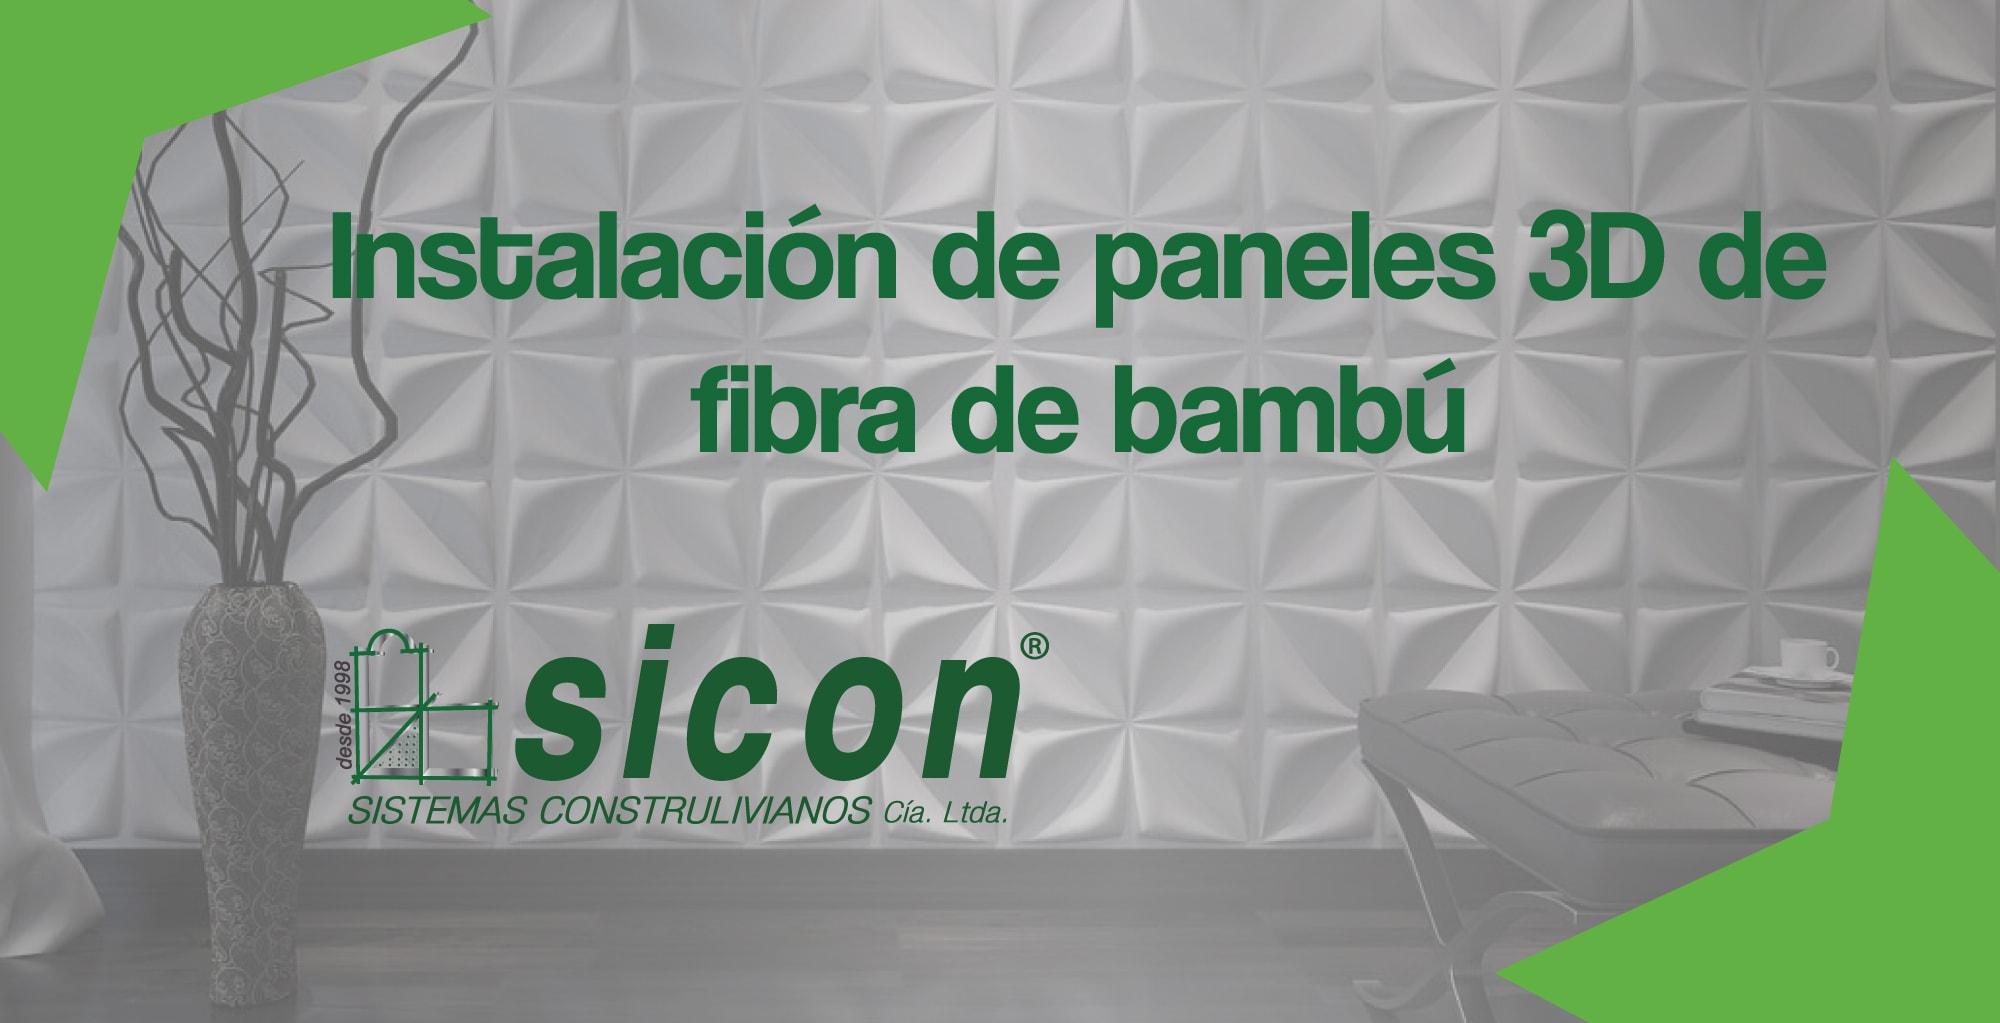 paneles fibra de bambú